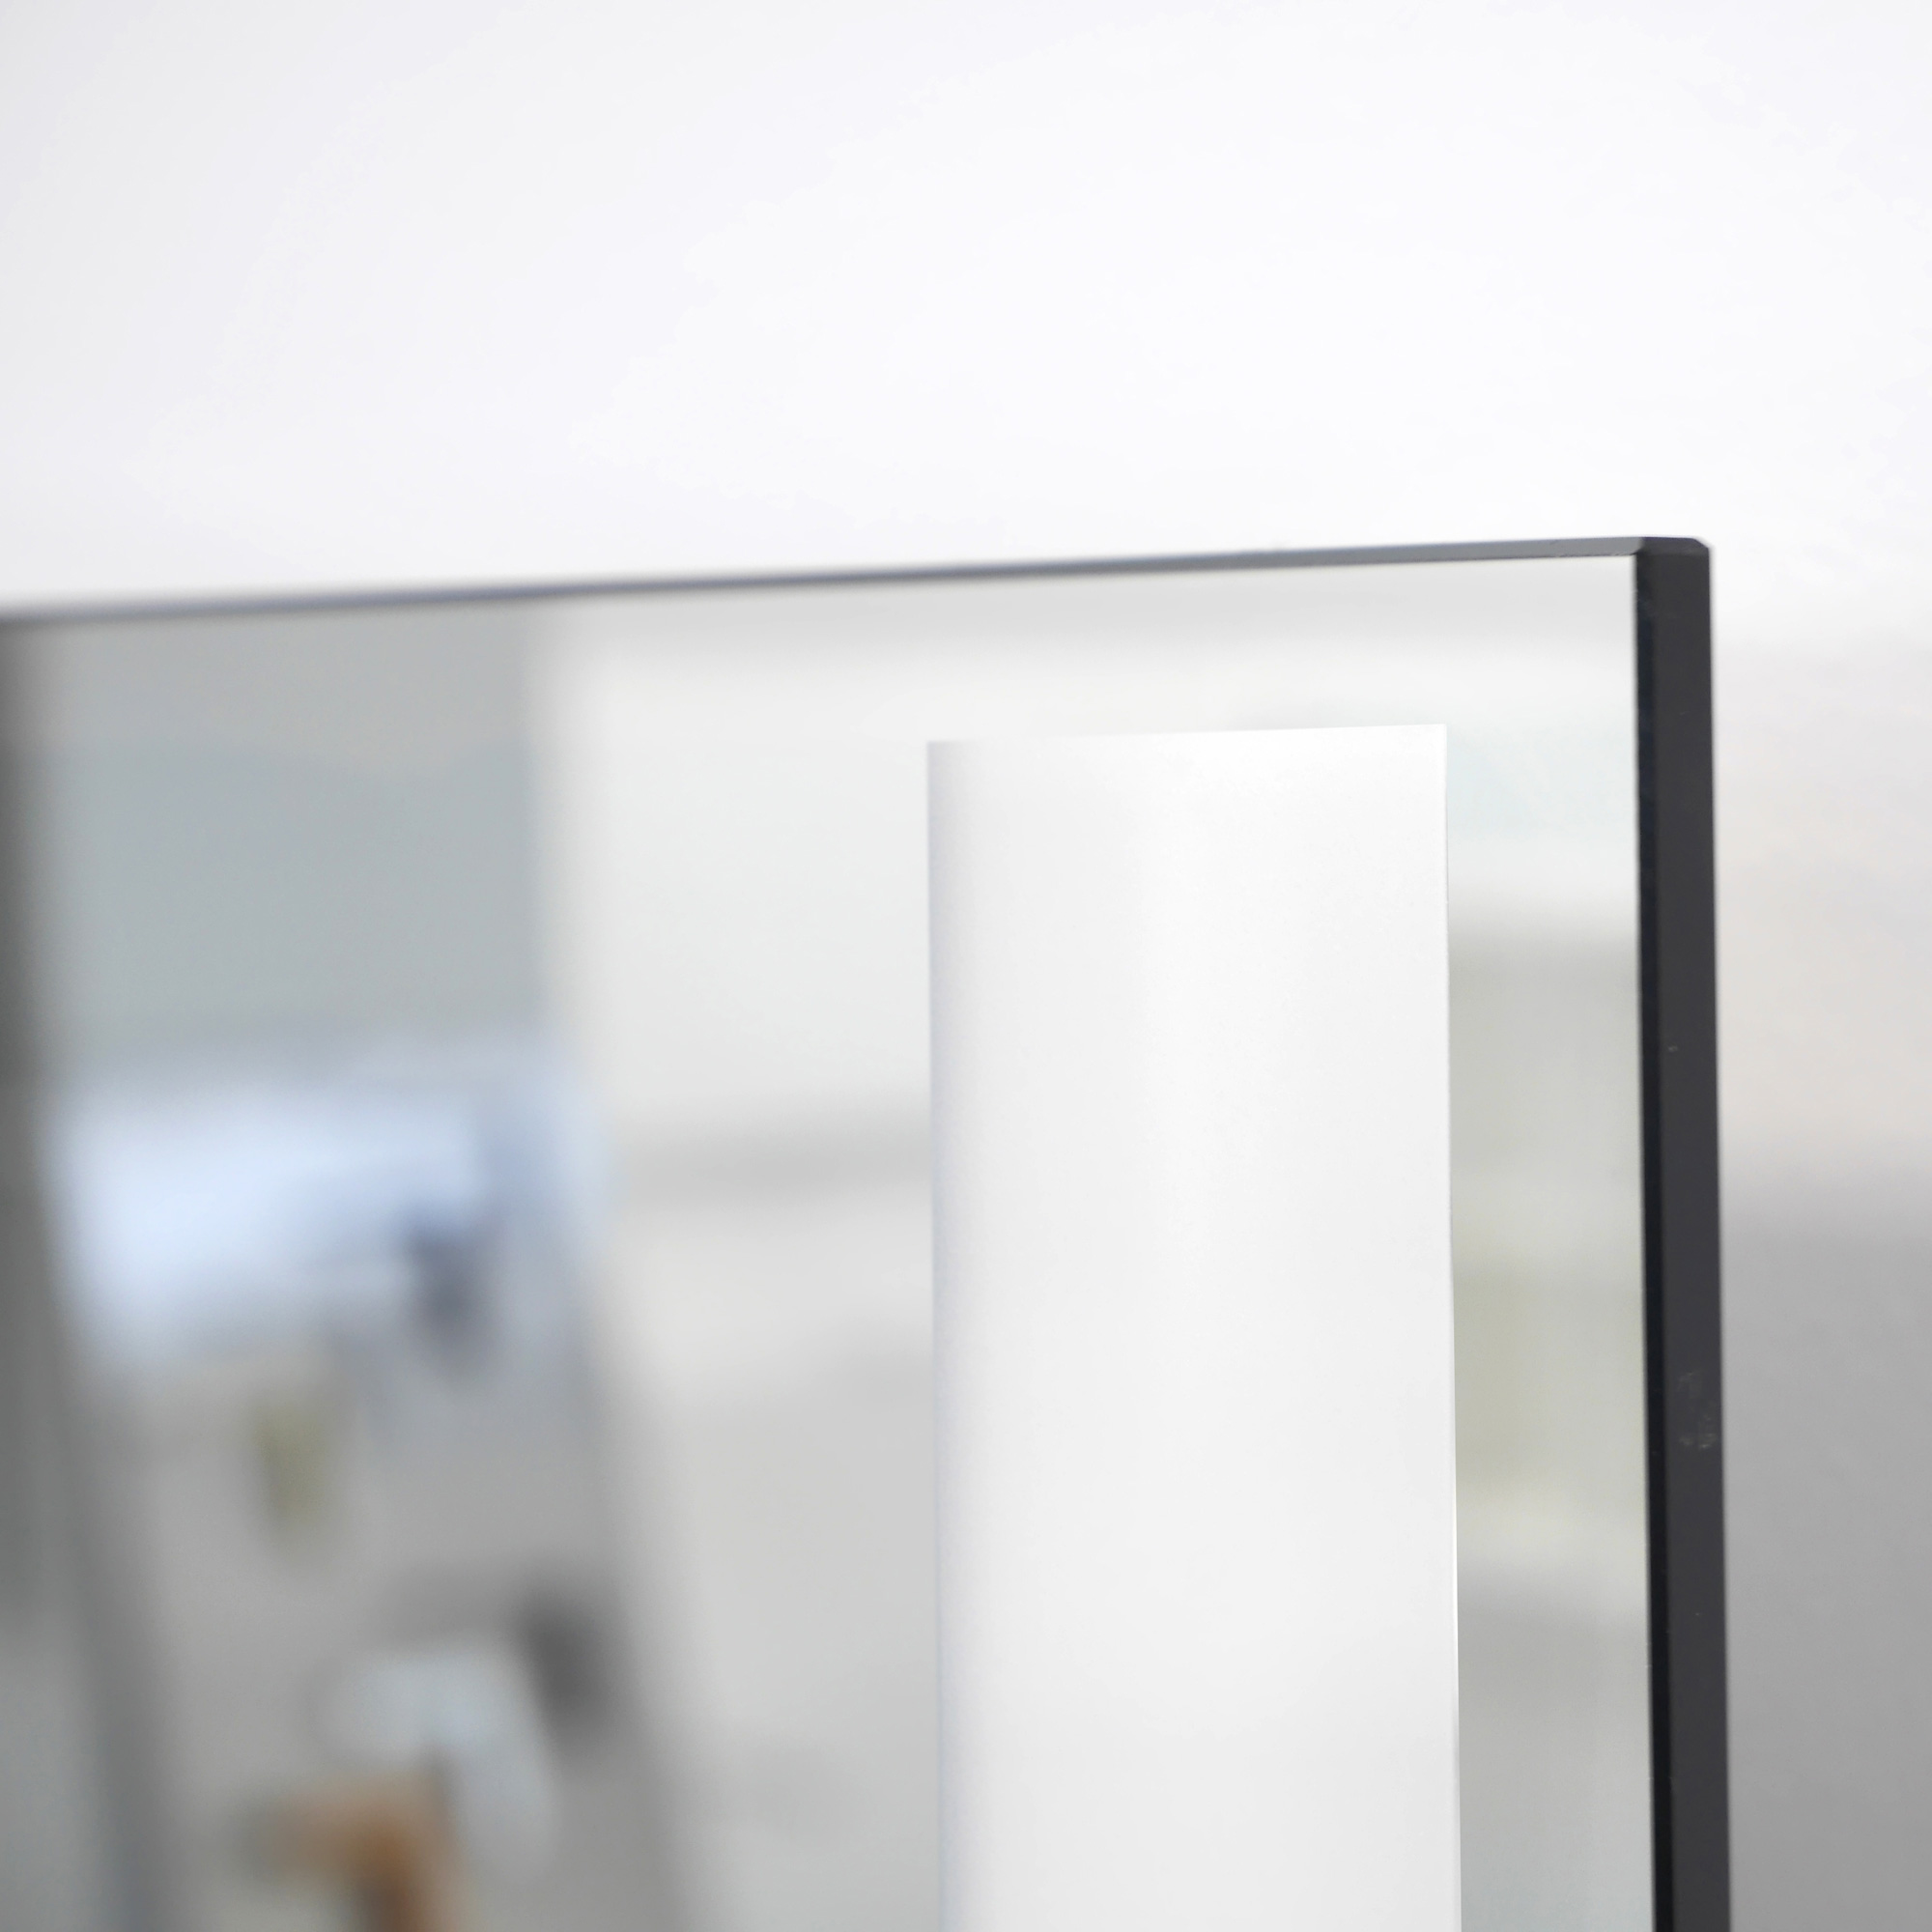 Zipris SR LED Mit Satinierter Lichtfläche